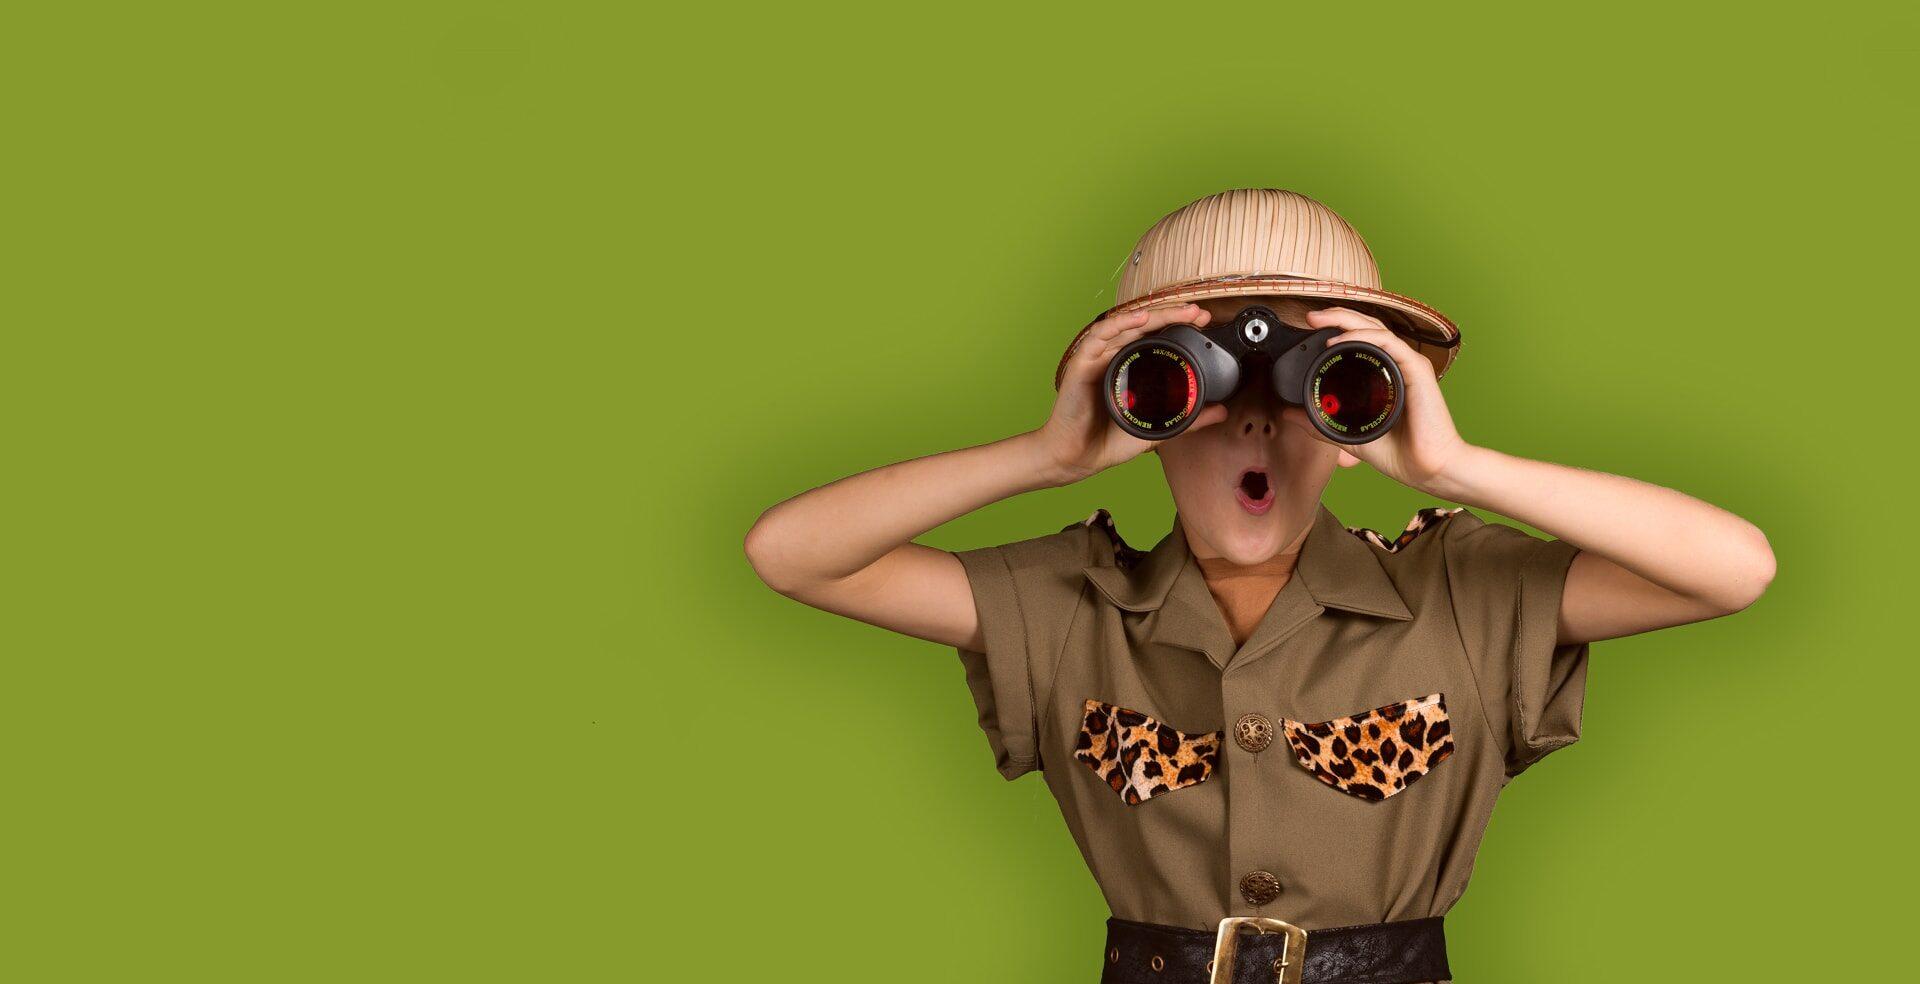 Ein Junge in einem Safarioutfit schaut durch ein Fernglas